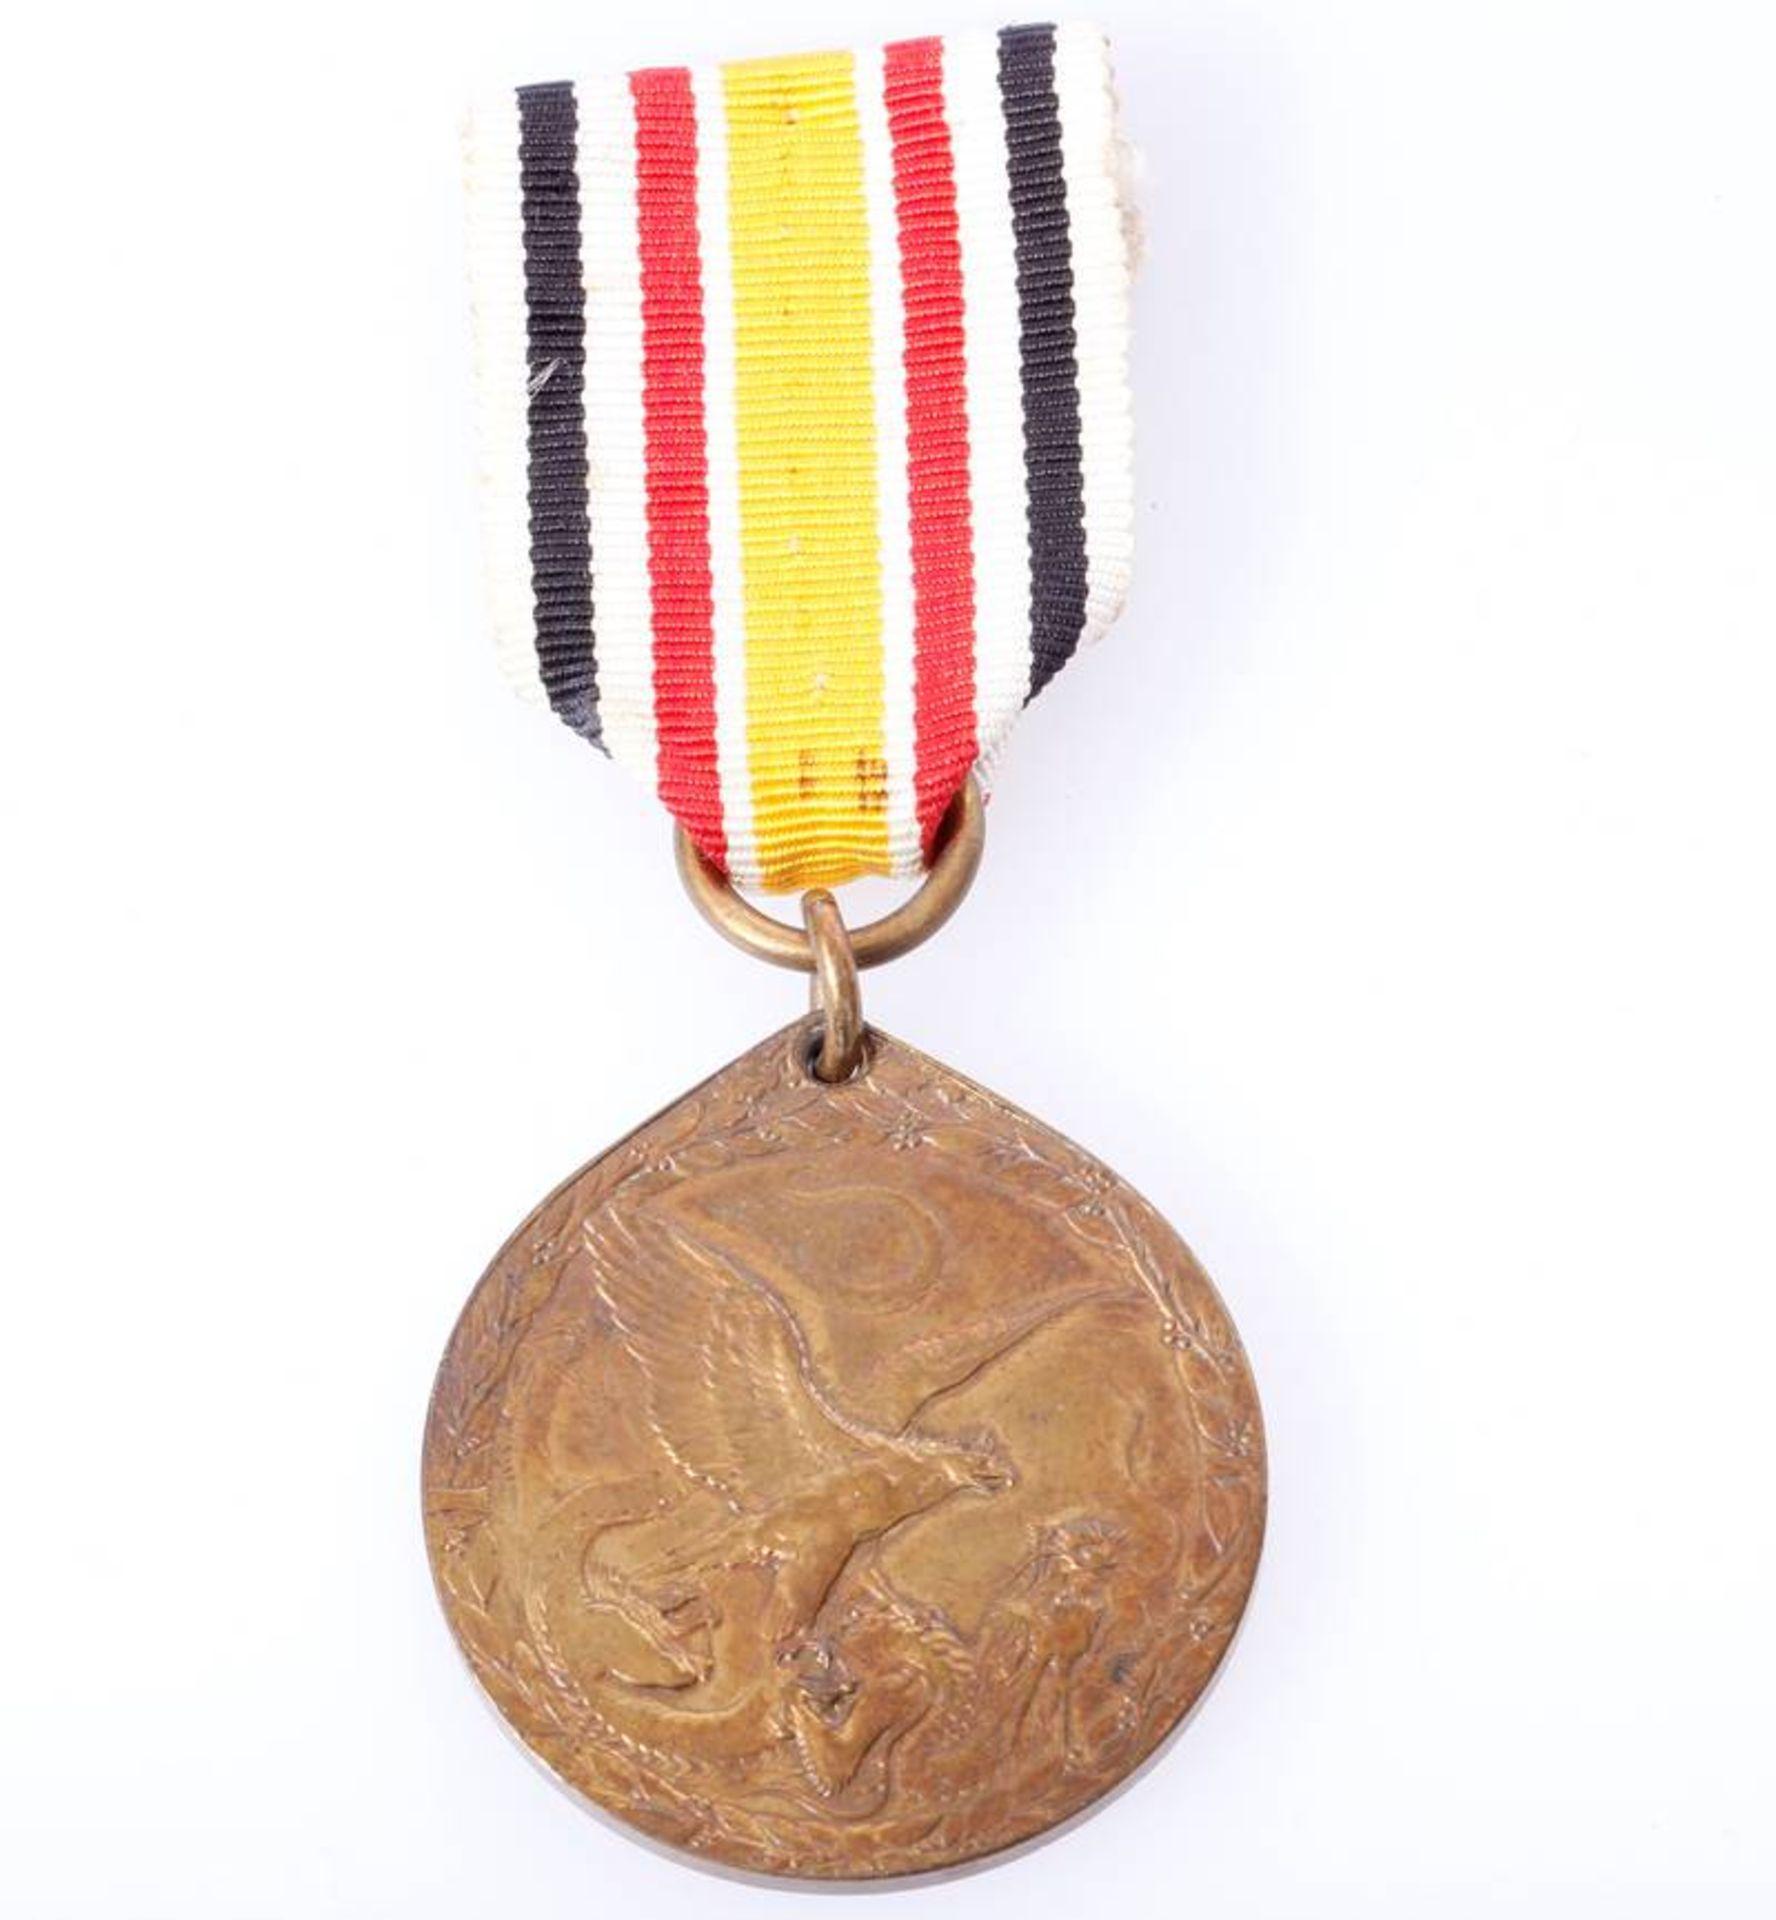 China Denkmünze für Nichtkämpfer 1901Ausführung in Bronze am langen Band.